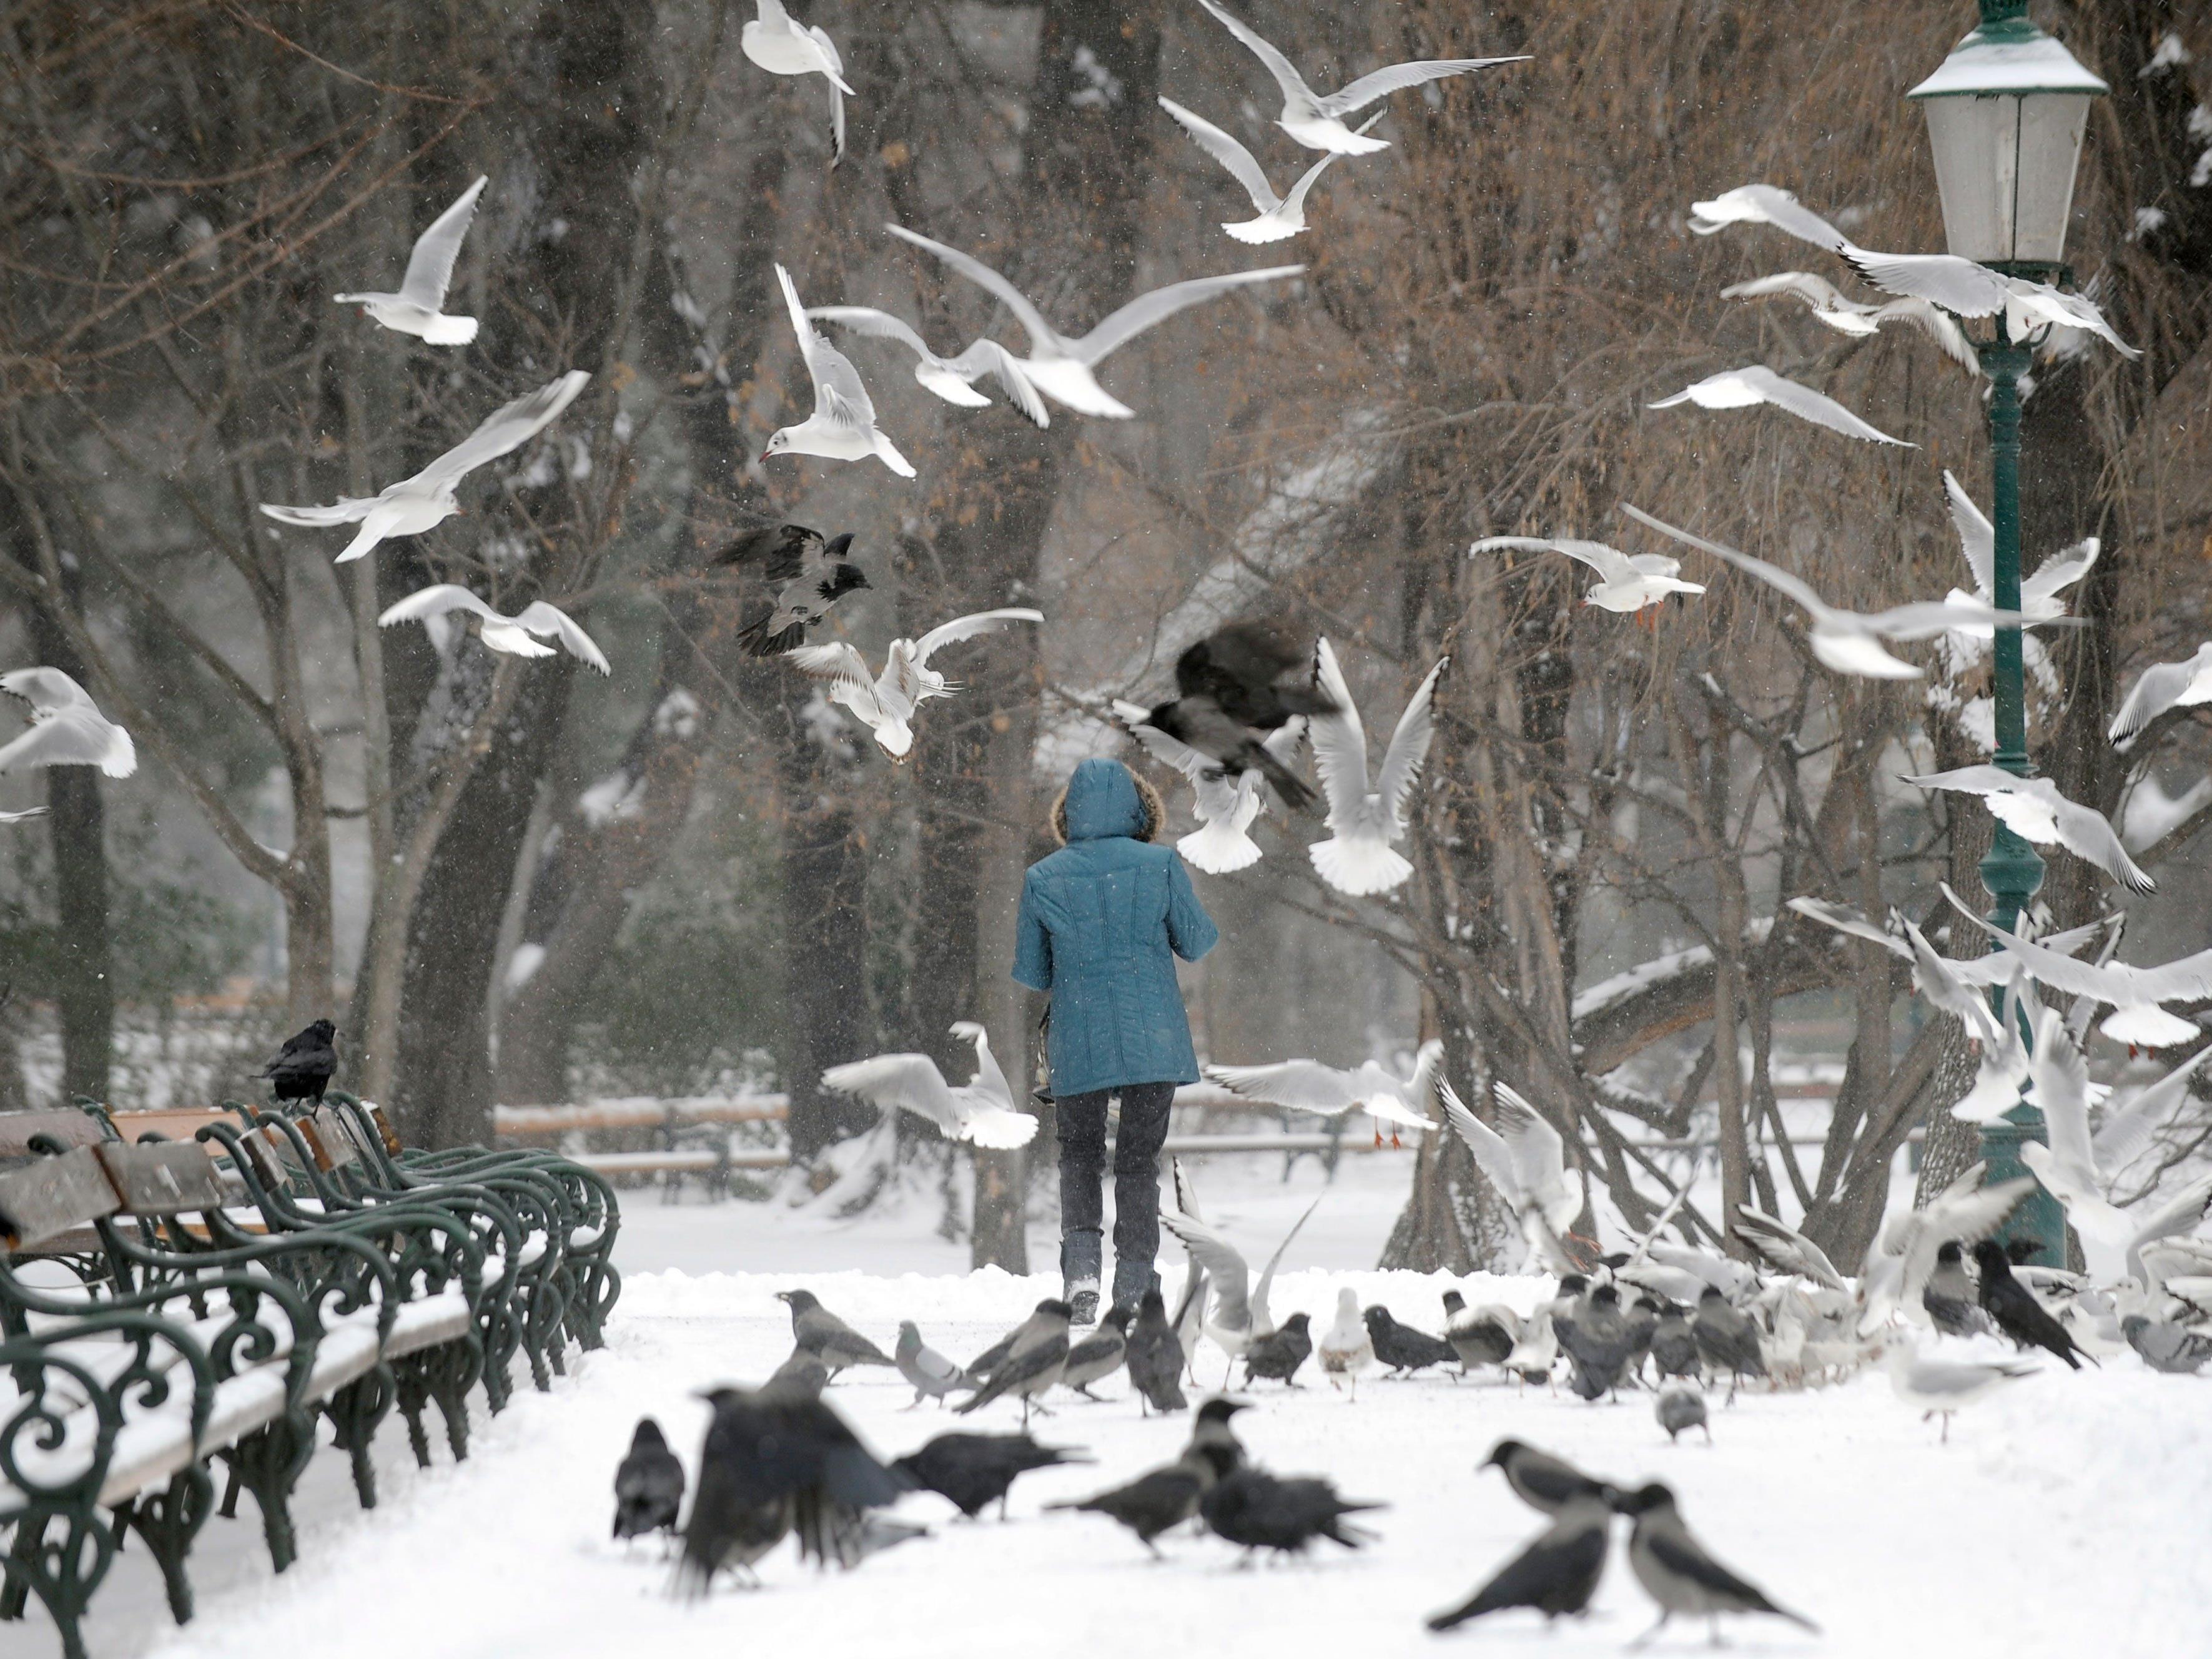 Neues Jahr beginnt winterlich - mit Schnee bis ins Flachland